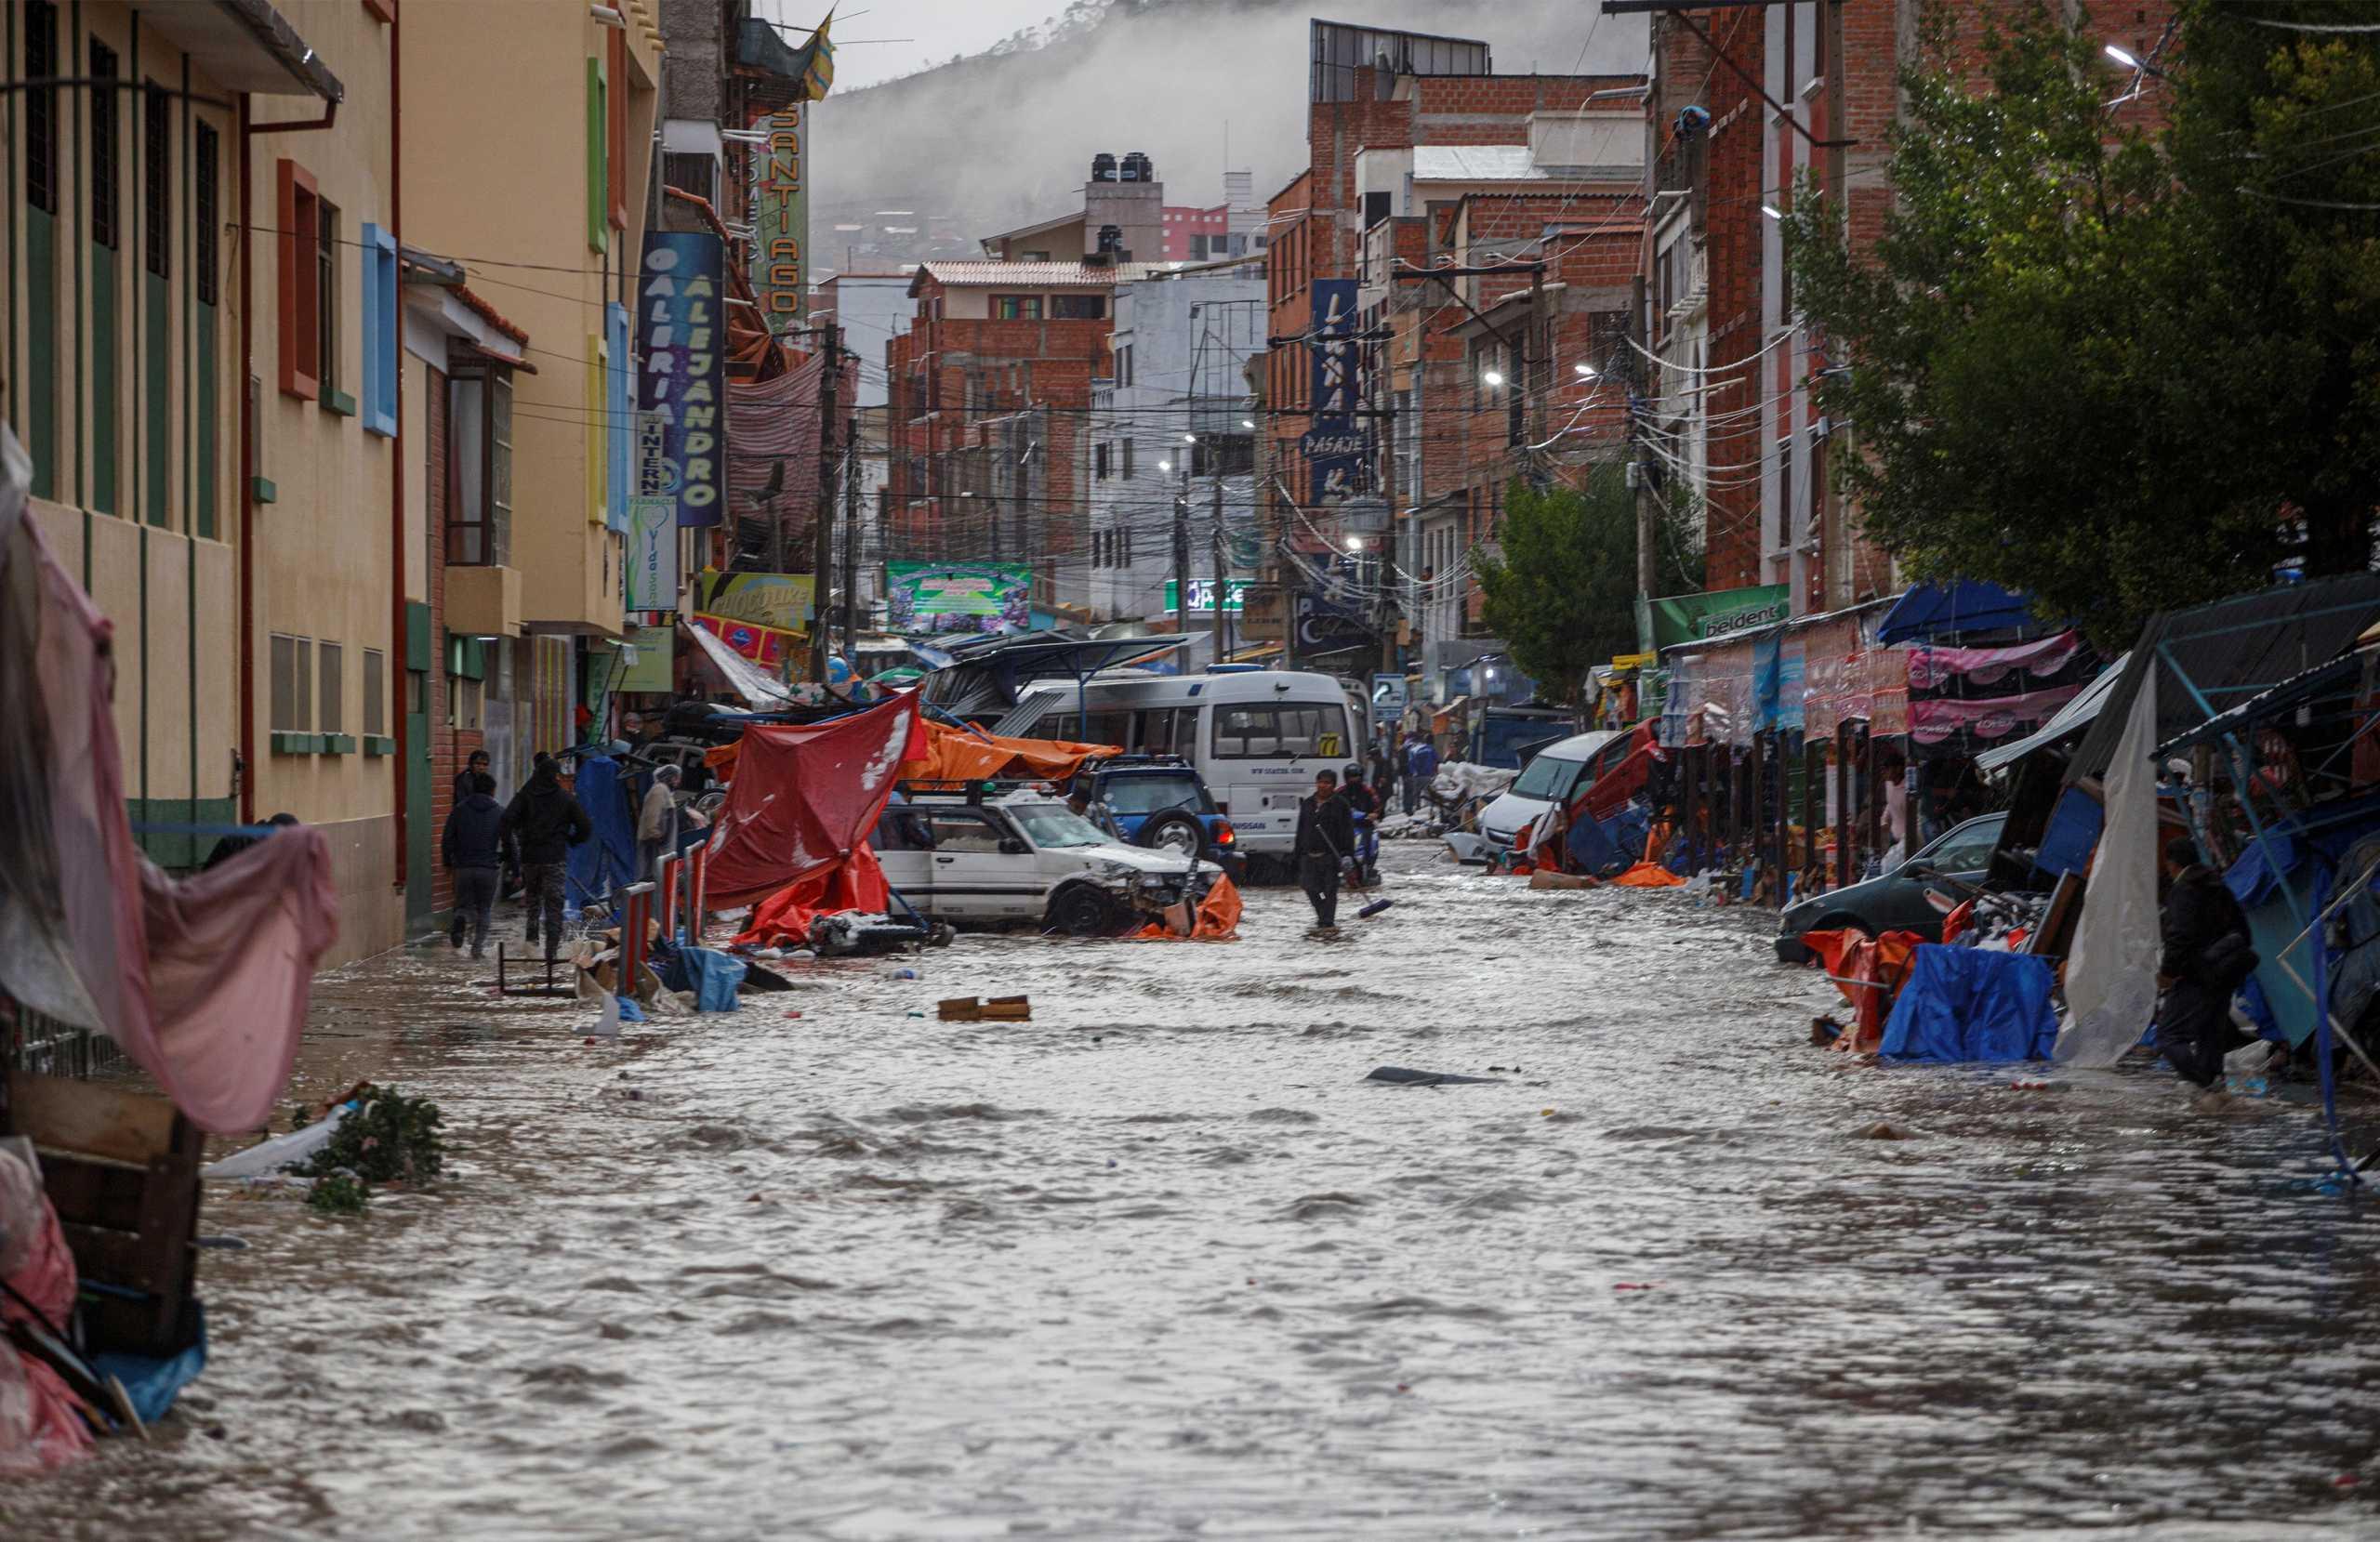 Η κλιματική αλλαγή απειλεί την ανθρωπότητα: 480.000 άνθρωποι σκοτώθηκαν σε 20 χρόνια λόγω ακραίων καιρικών φαινομένων